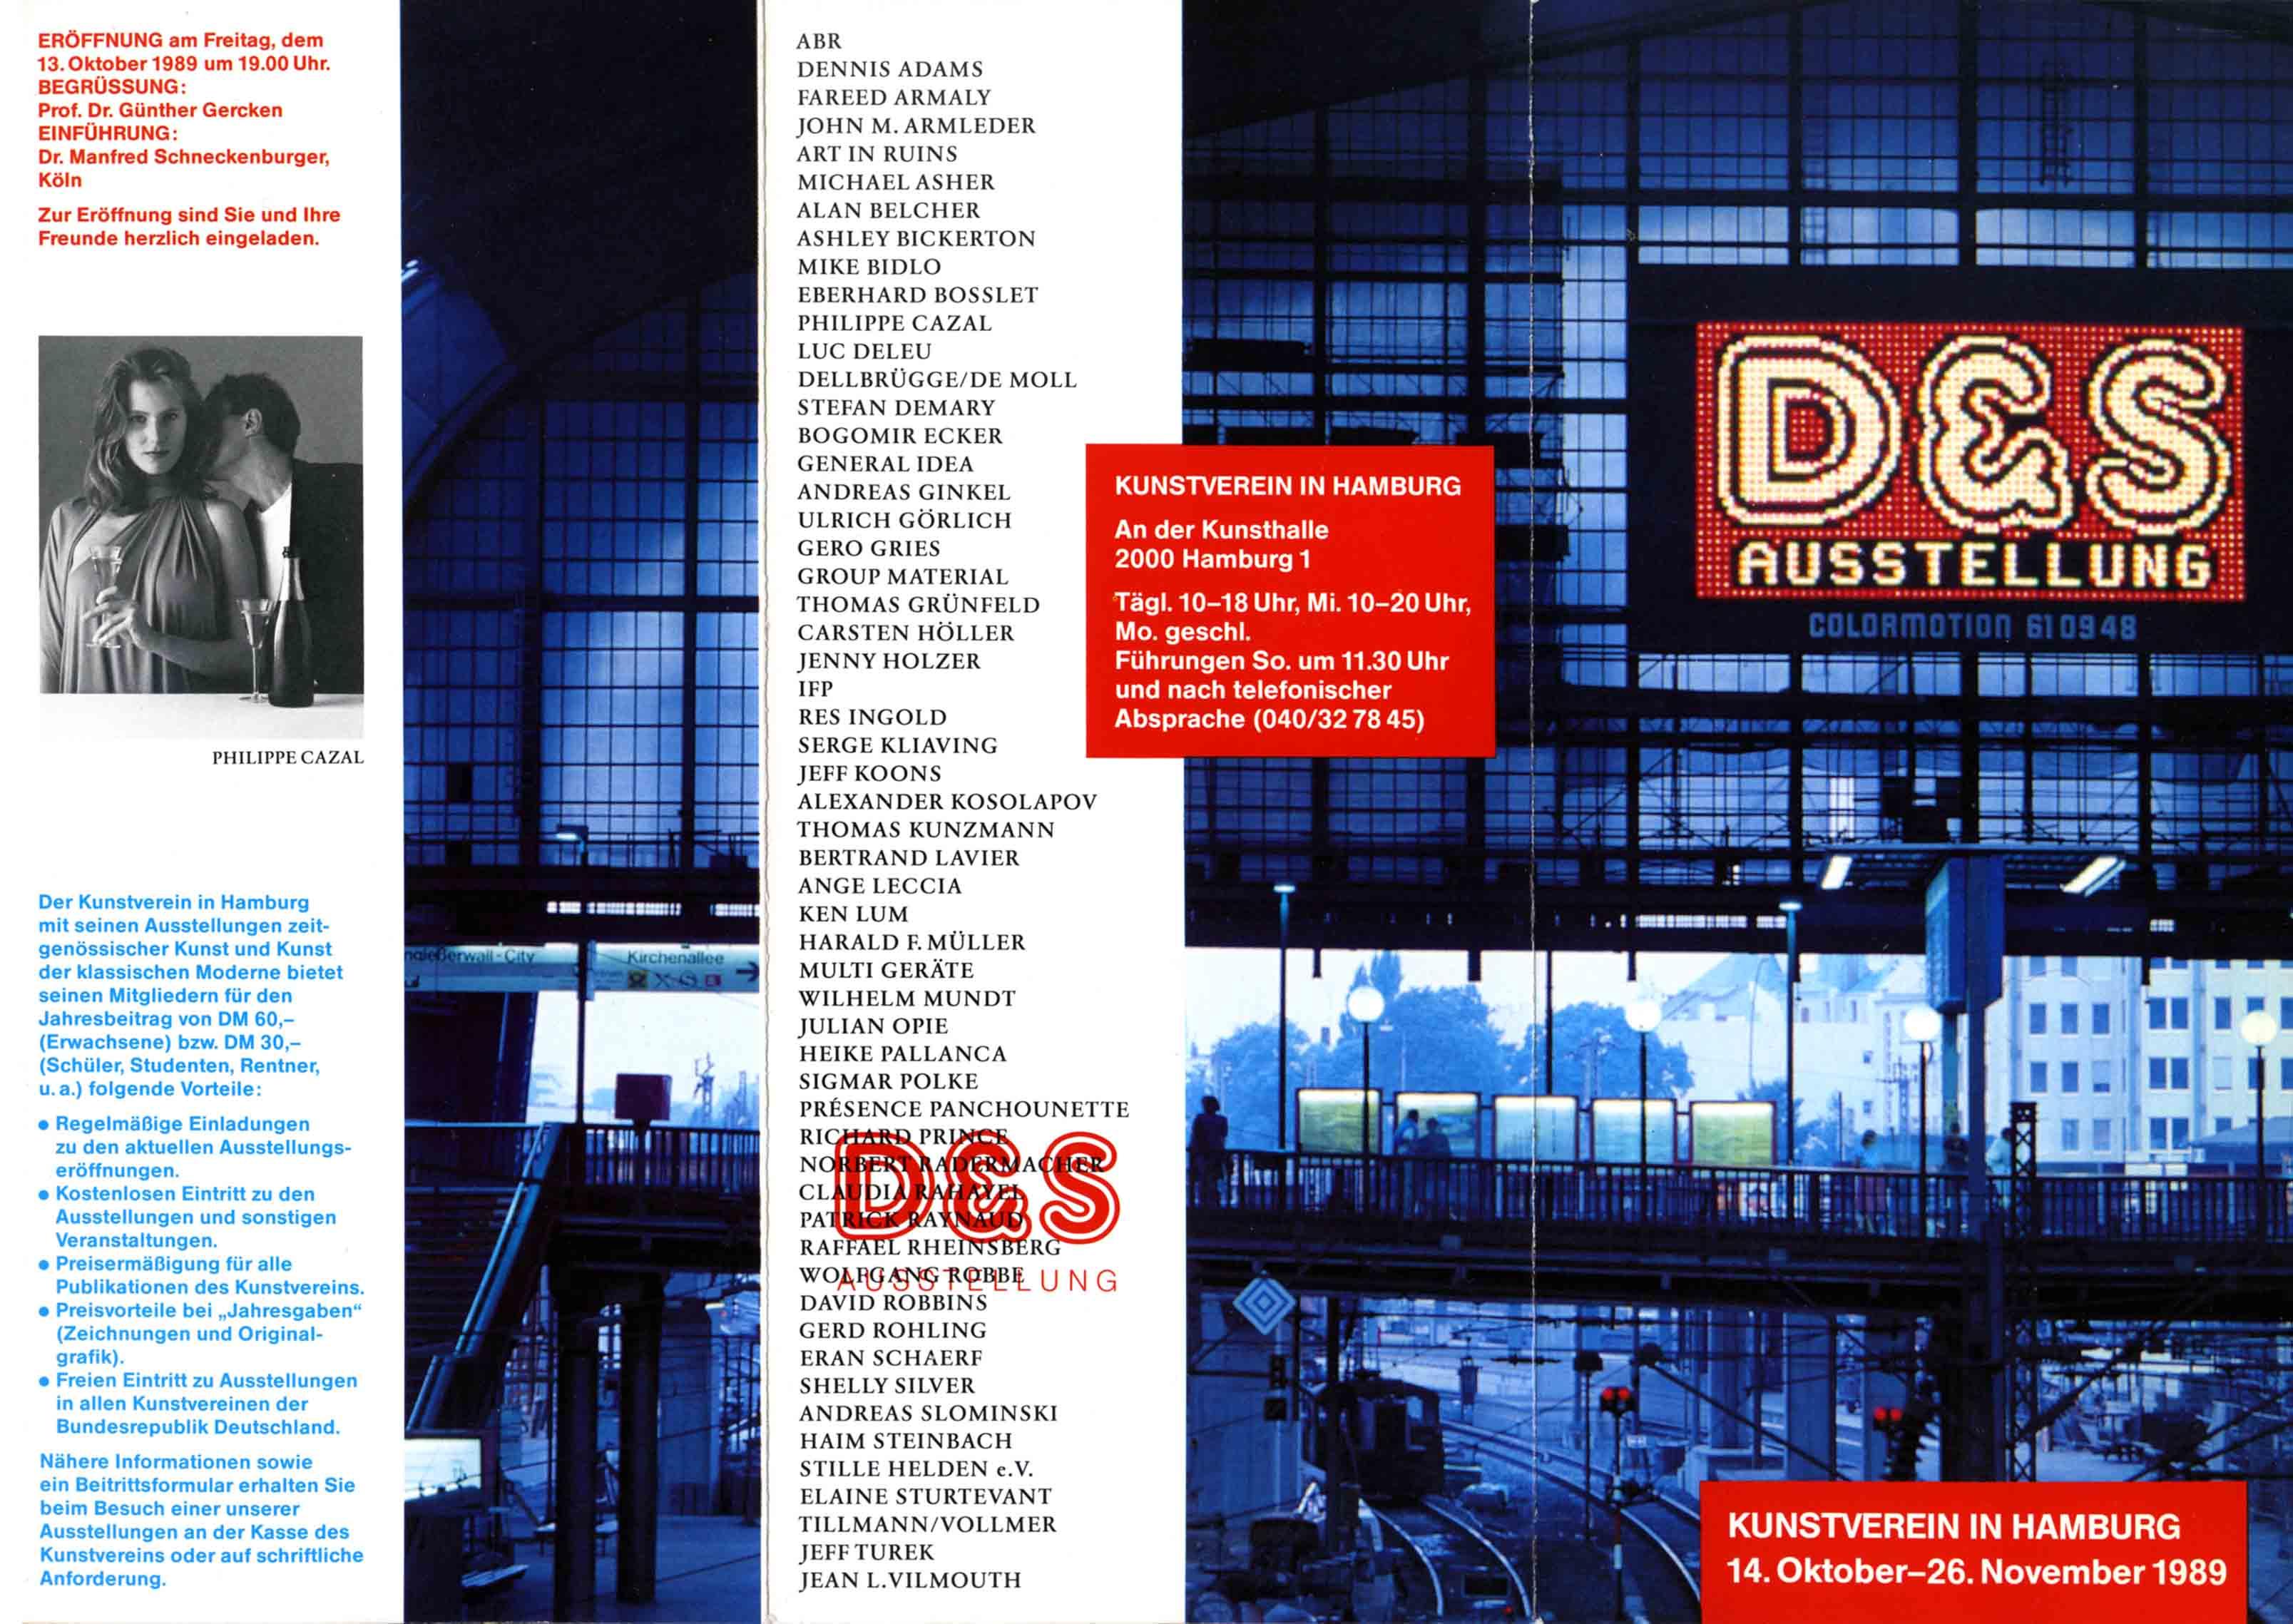 'D & S AUSTELLUNG' Kunstverein/Kunsthaus Hamburg 1989 Flyer